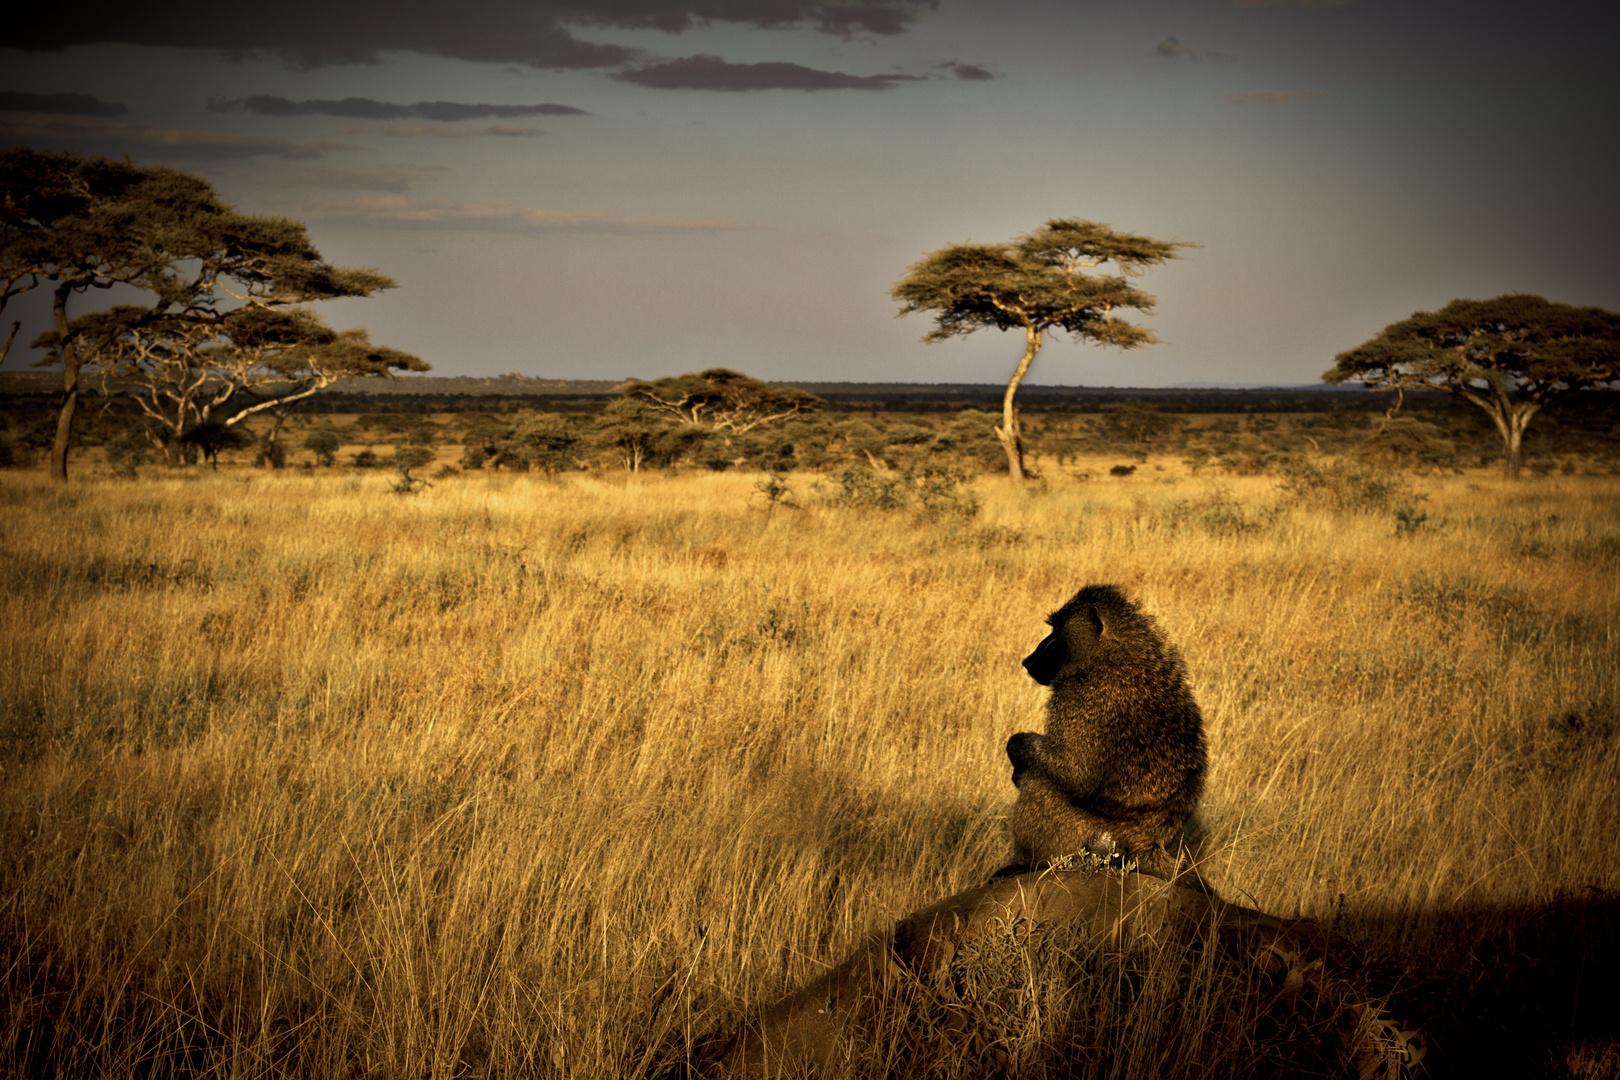 Wishful baboon